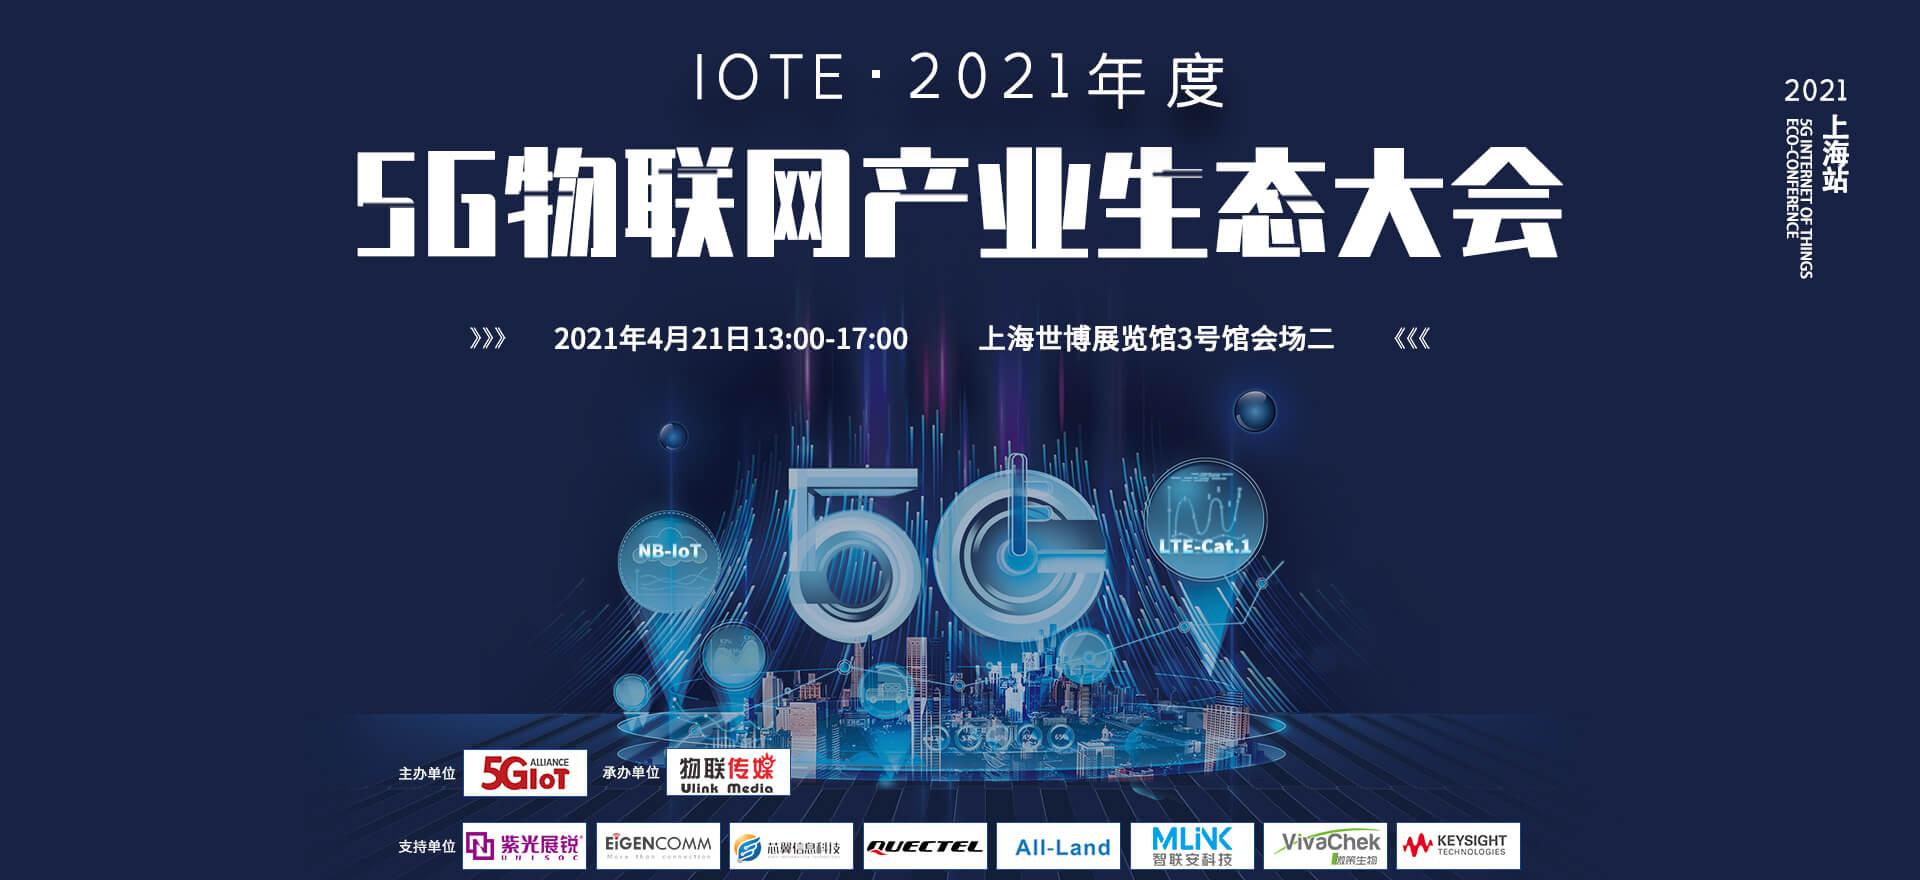 會議專題 | IOTE·2021年度5G物聯網產業生態大會